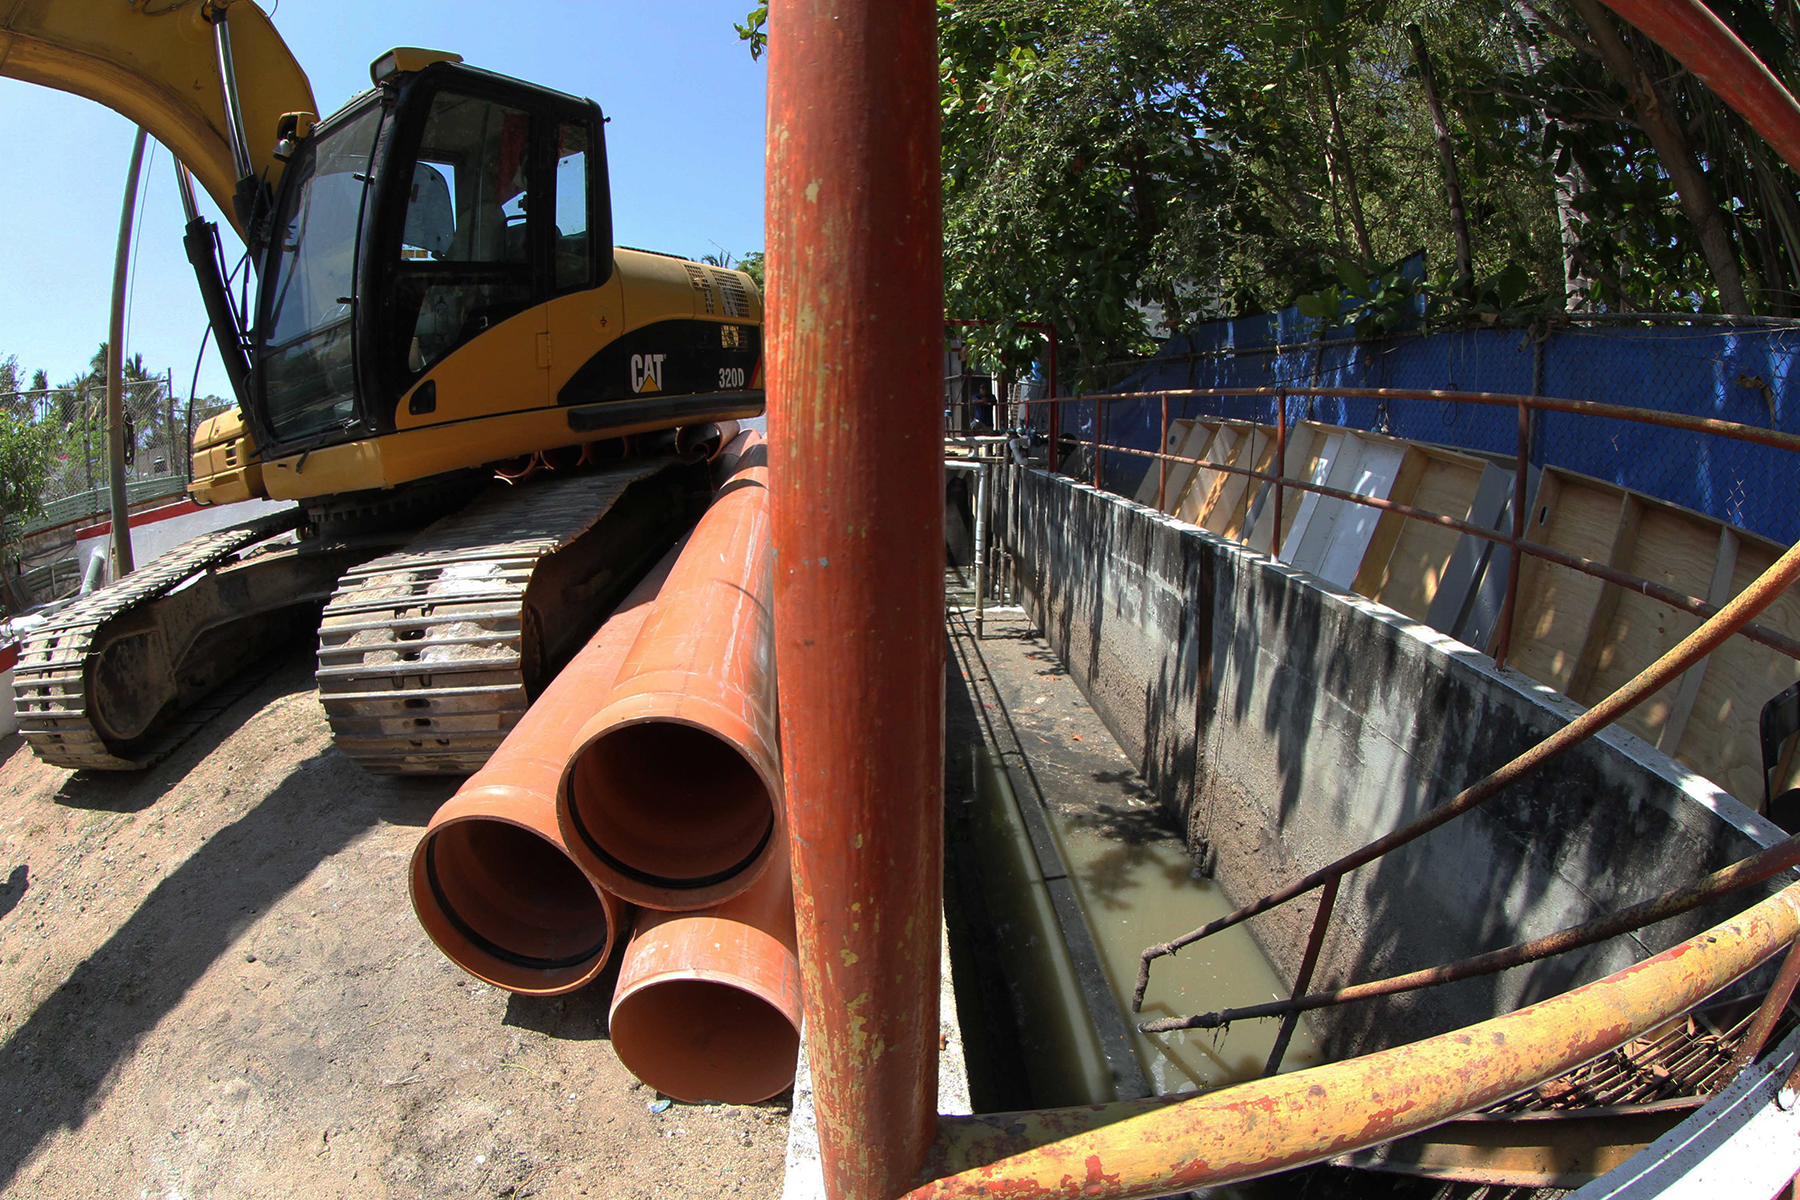 La planta de tratamiento de aguas residuales de Sayulita forma parte de un círculo que involucra el reúso del agua en áreas verdes.